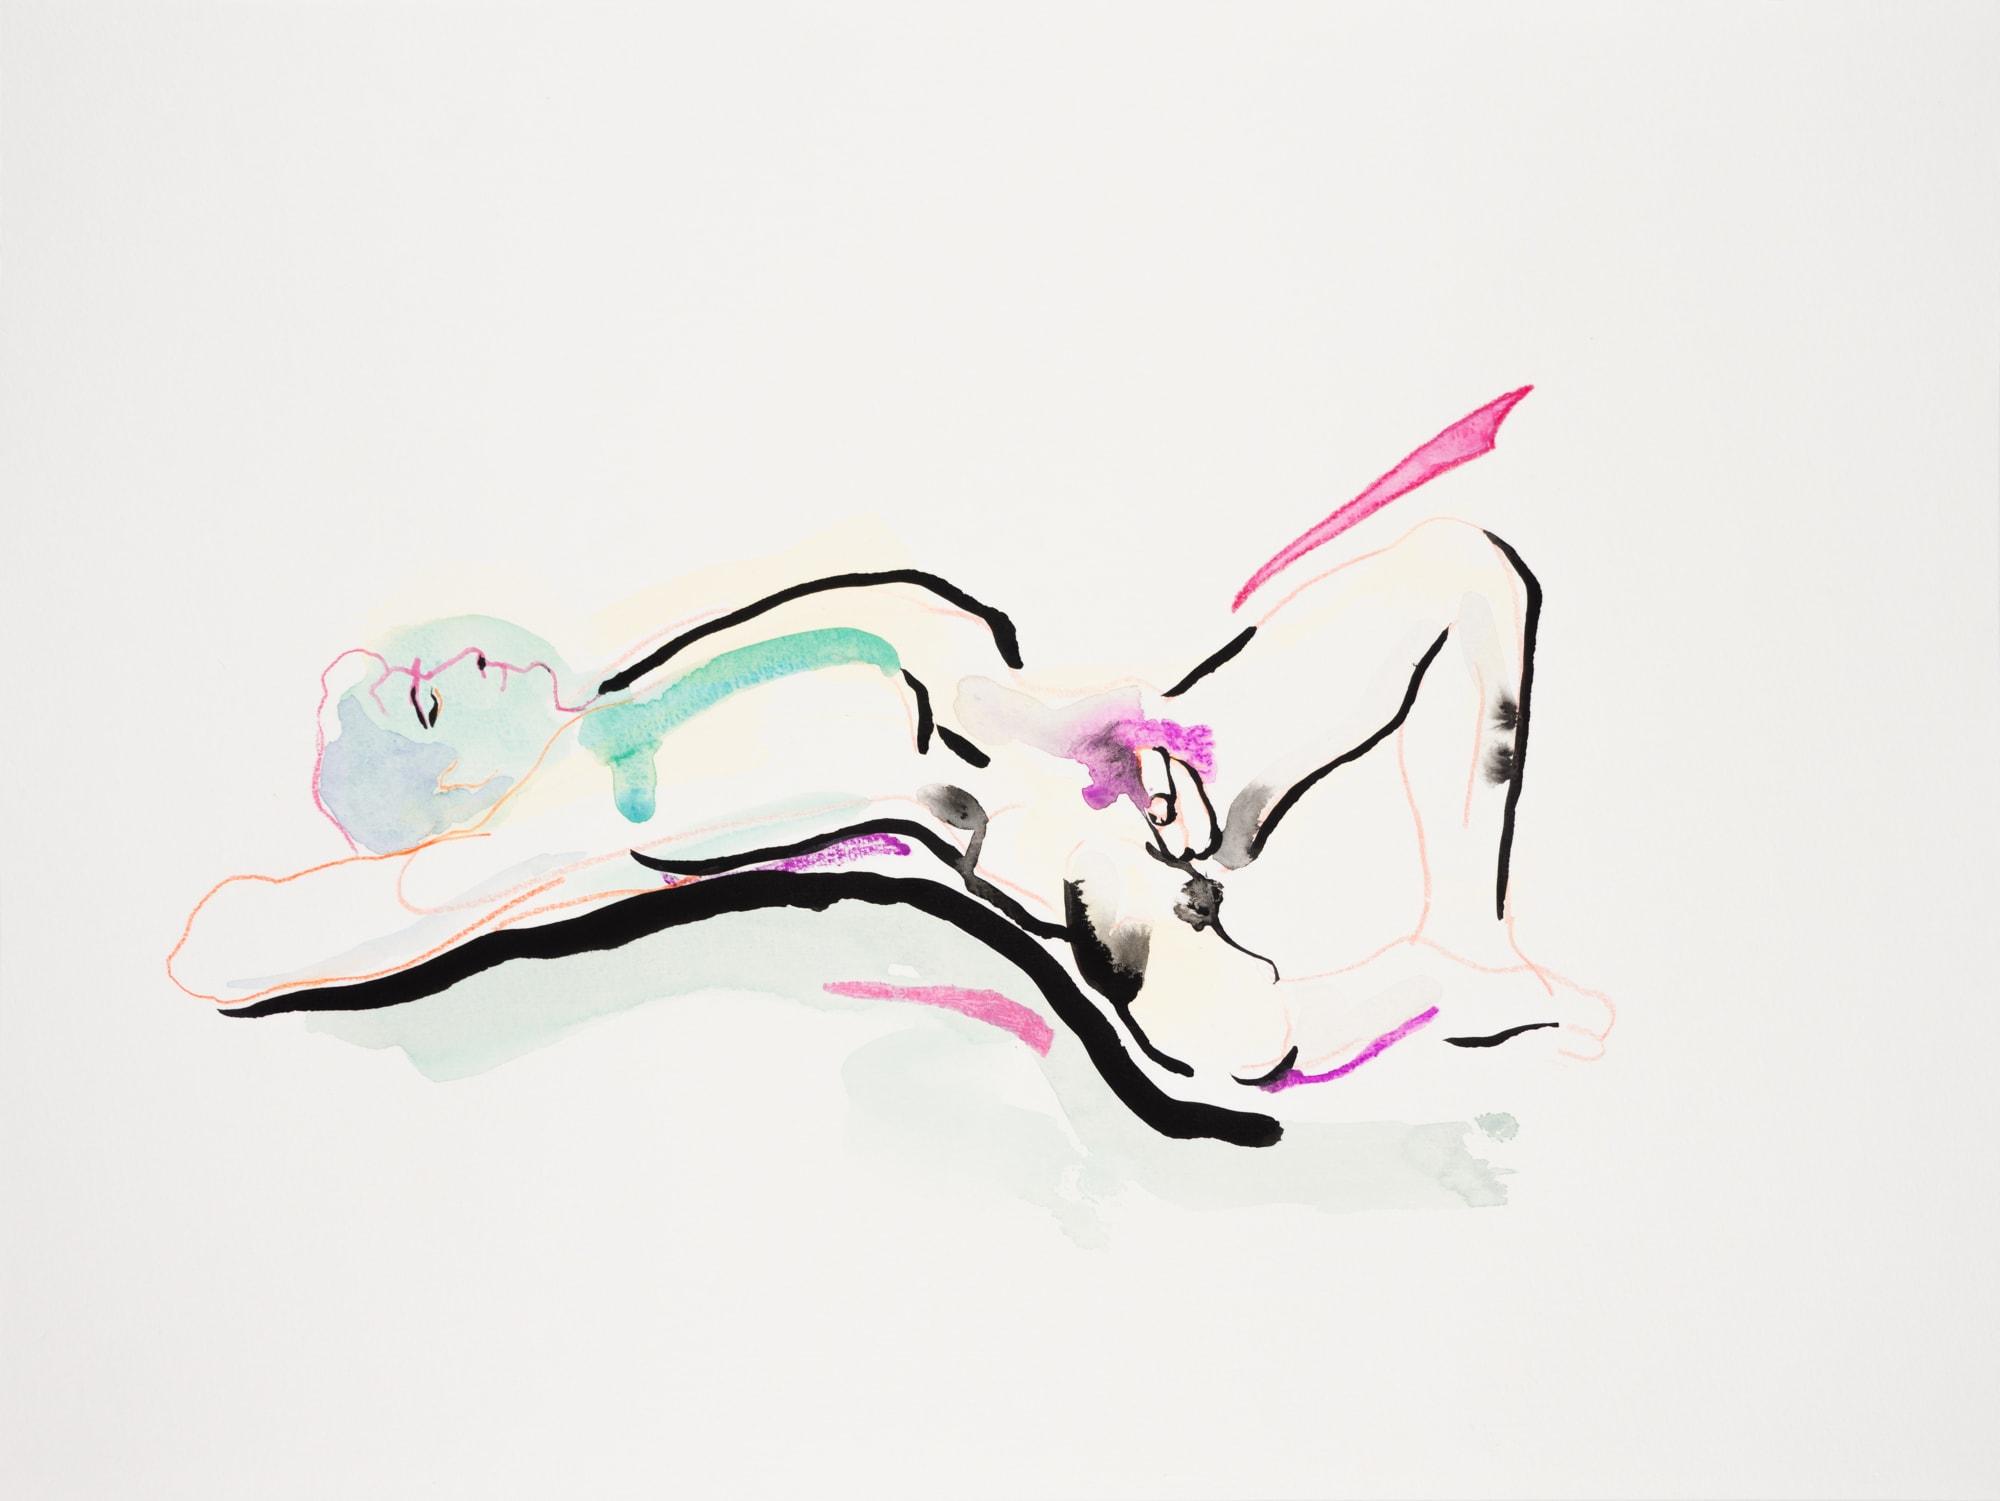 Zeichnung, Aquarell, Farbstift und Tusche auf Papier, 40x30cm, Männerakt, Künstlerin: Franziska King